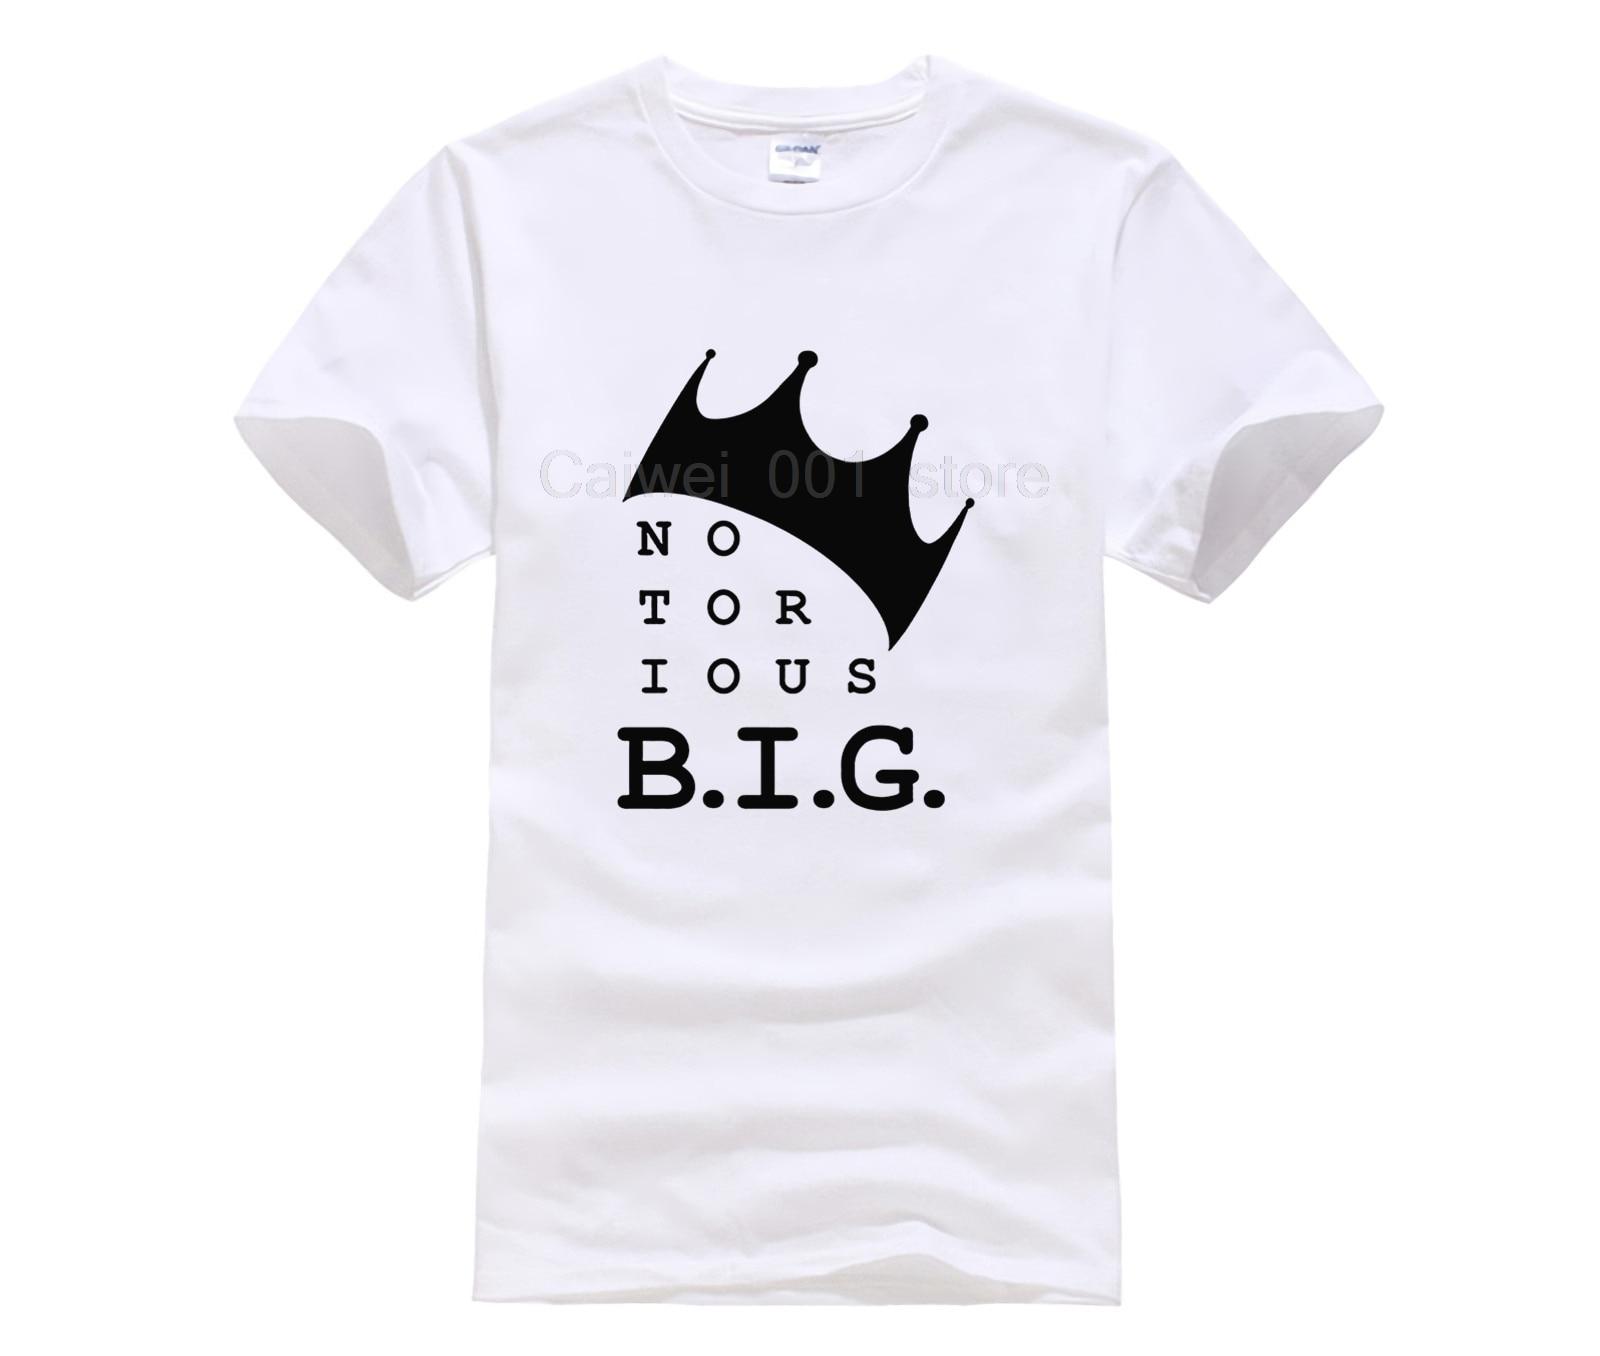 Camiseta de manga corta a la moda para hombre, Camiseta con cuello redondo y música de rey Biggie Small The Notorious B I G Big Poppa Hip Hop para hombre